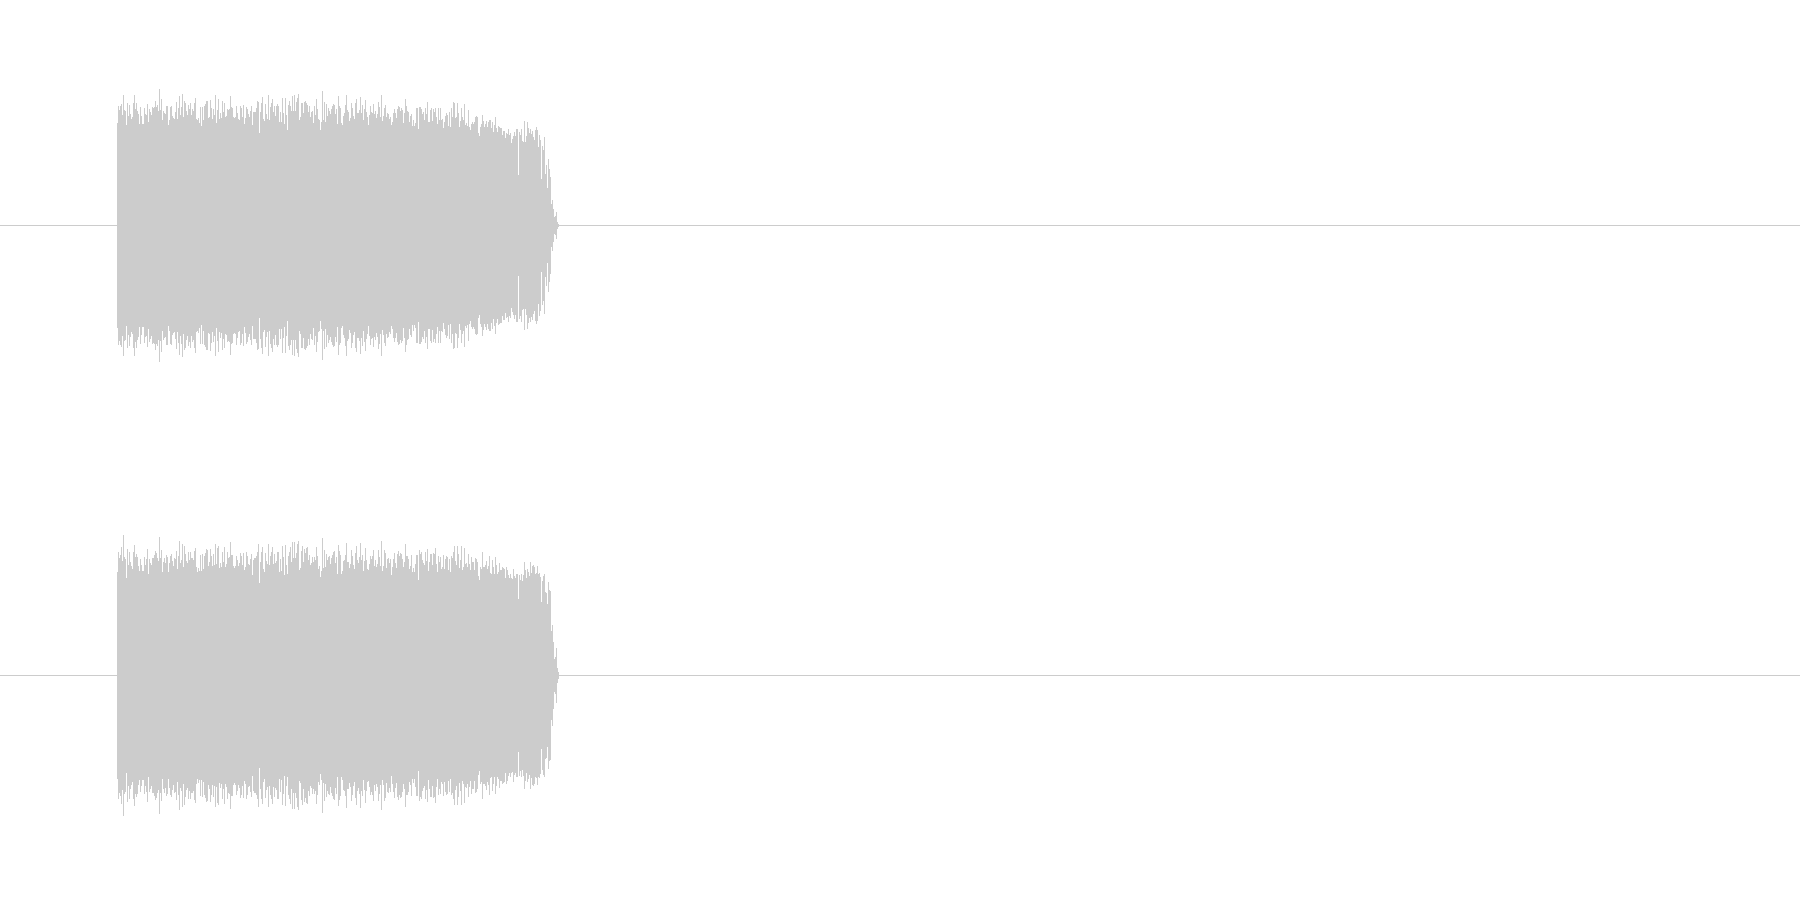 駆動音(ロボット・機械)の未再生の波形